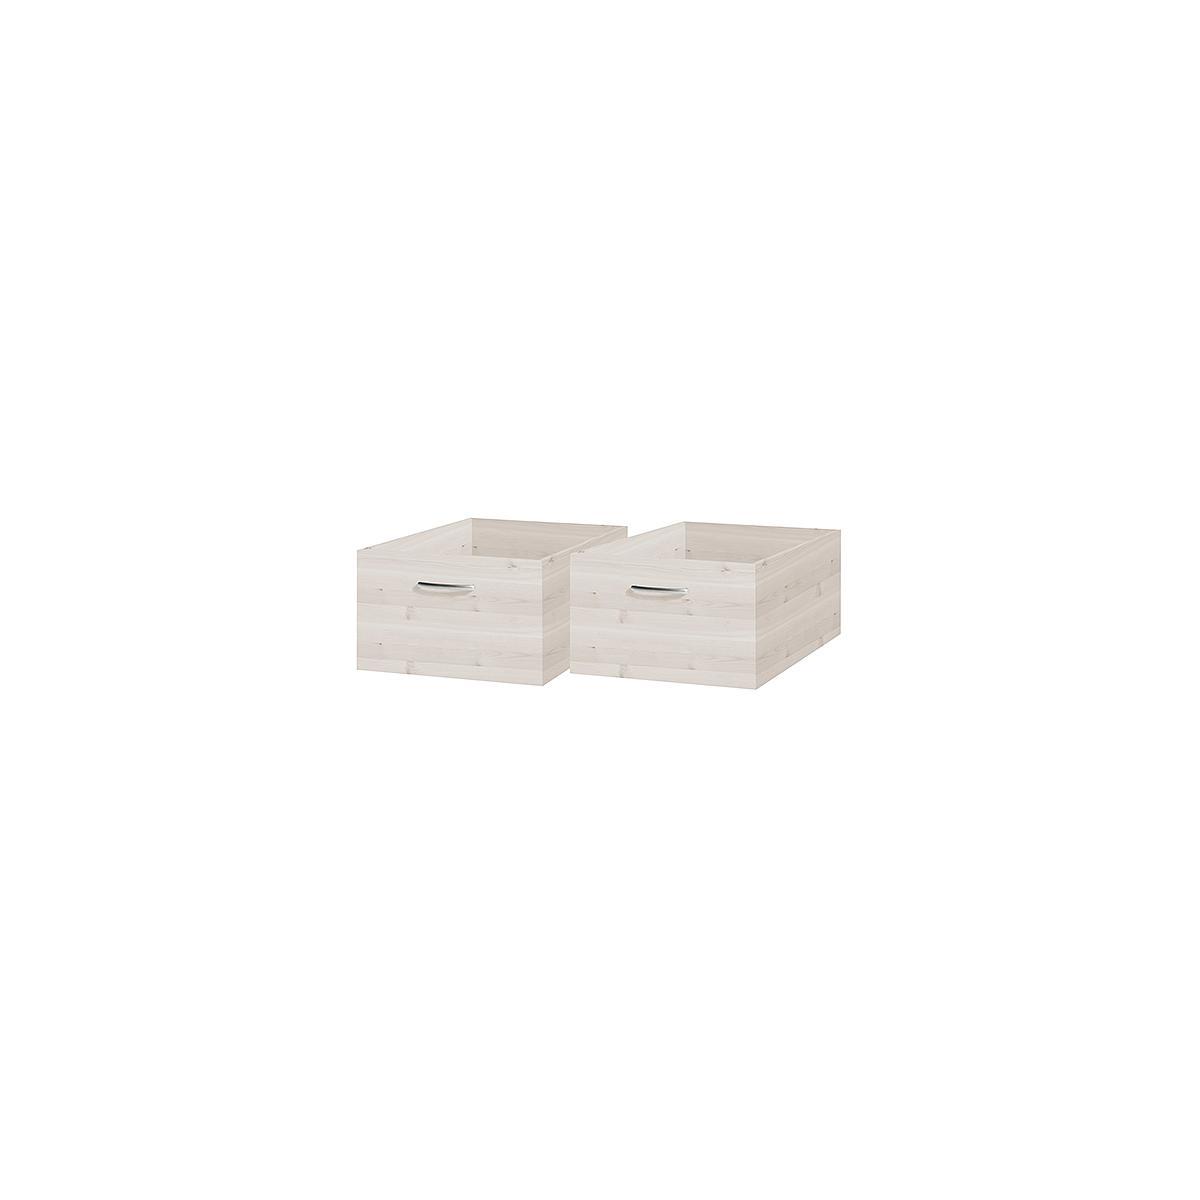 Kit extensión patas Camas CLASSIC Flexa blanco cal